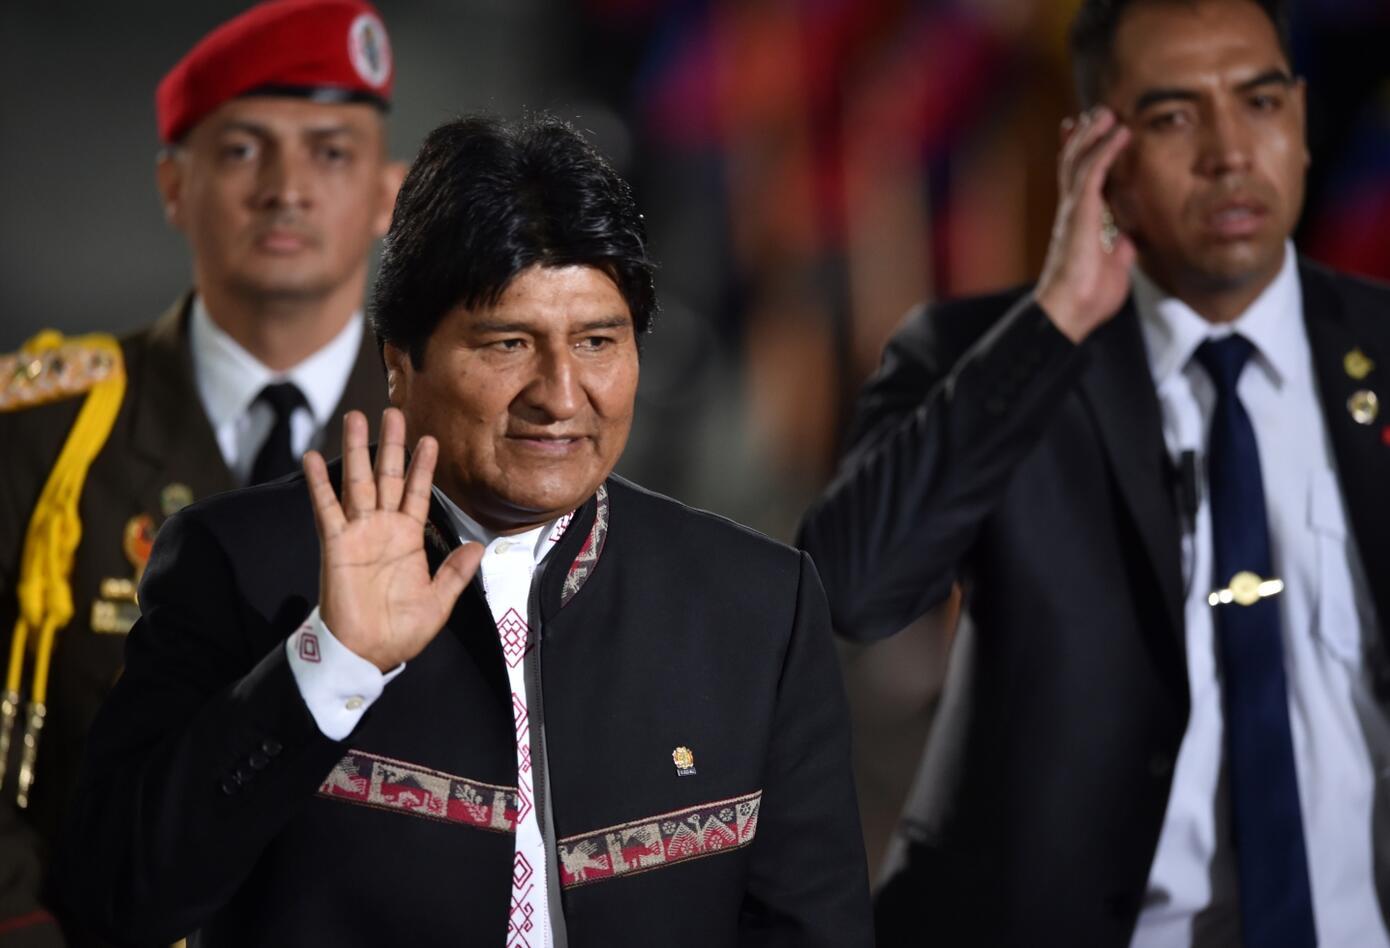 El presidente de Bolivia, Evo Morales, cumple 13 años al frente de su país.